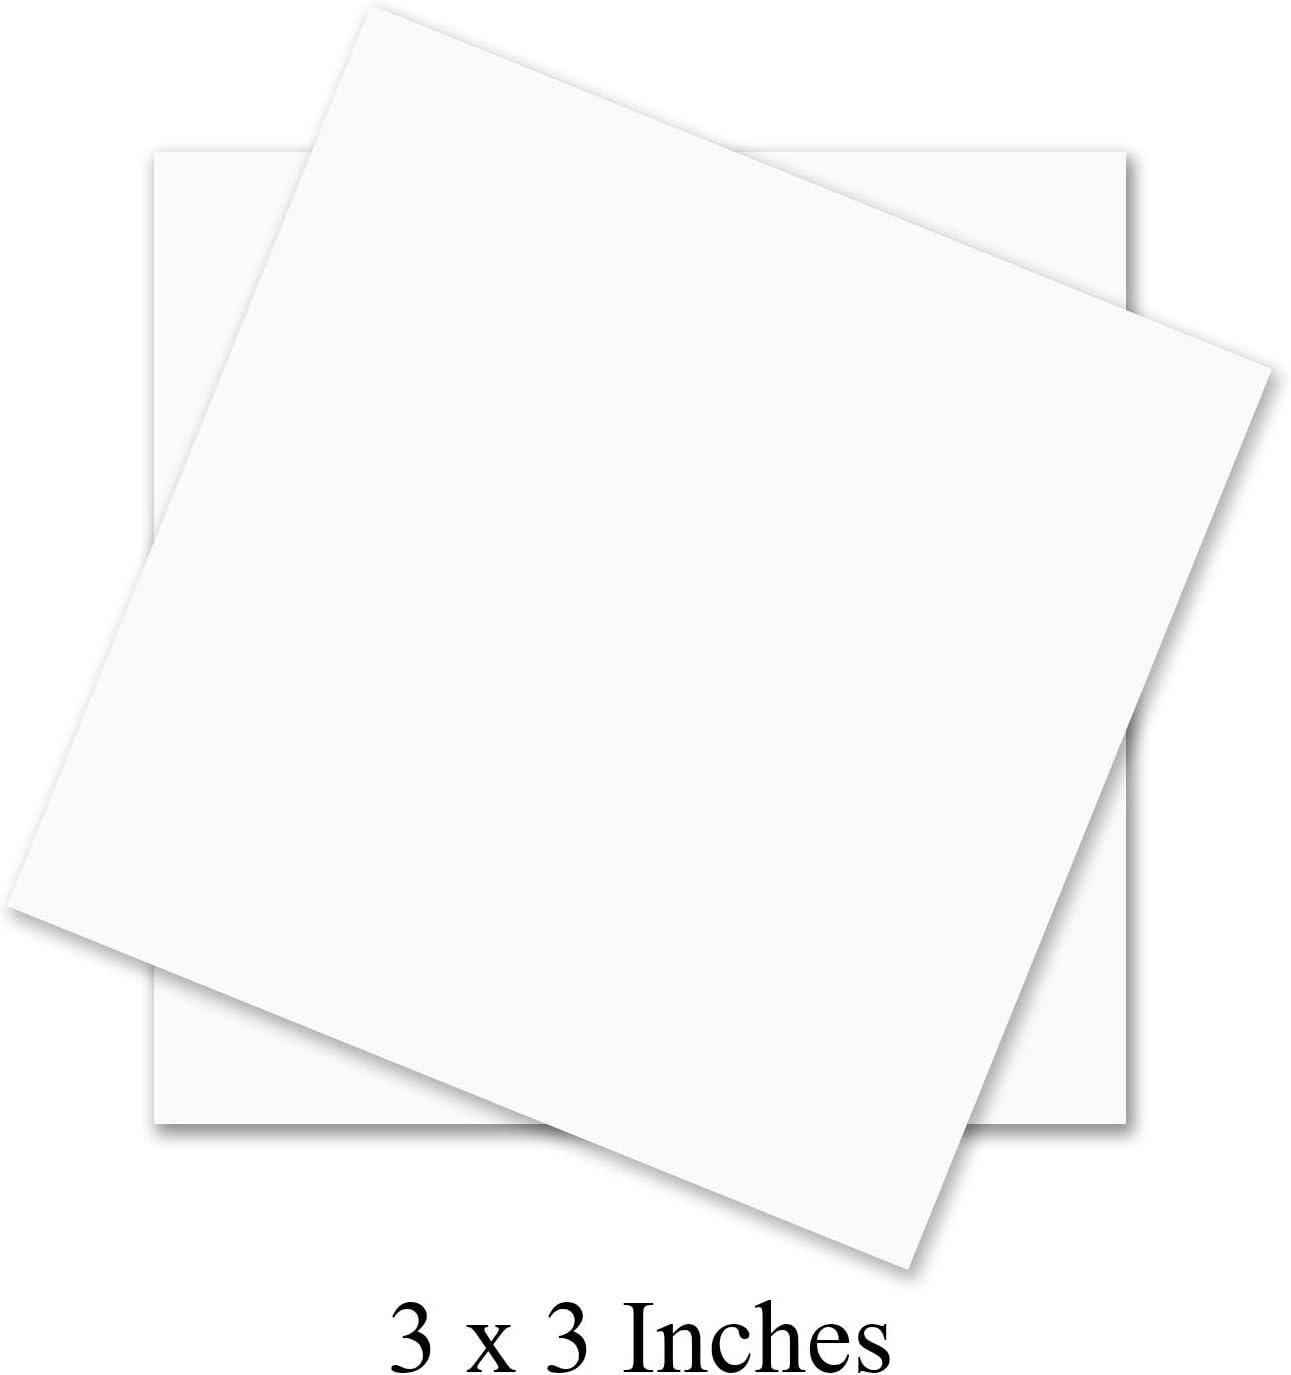 ورقة بيضاء للكتابة عليها